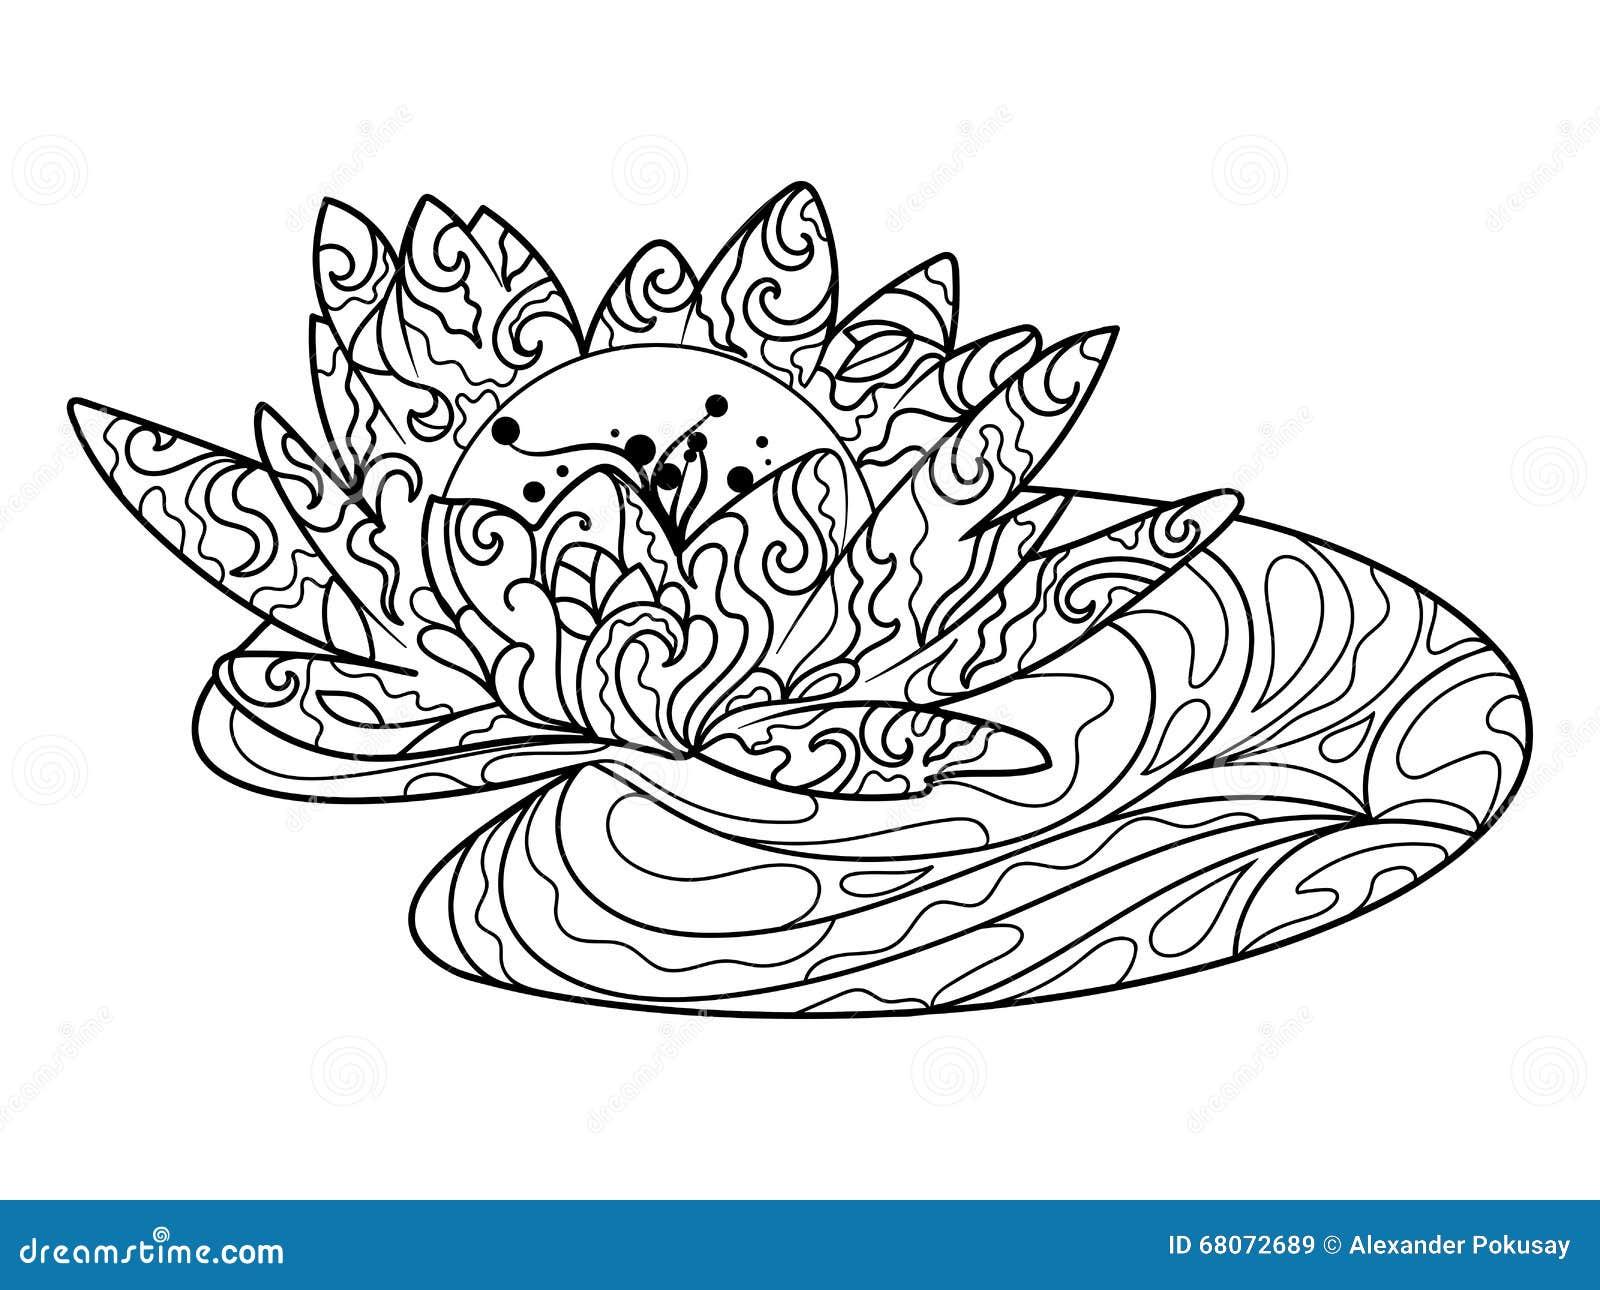 Coloriage Fleur De Nenuphar.Livre De Coloriage De Fleur De Lotus Pour Le Vecteur D